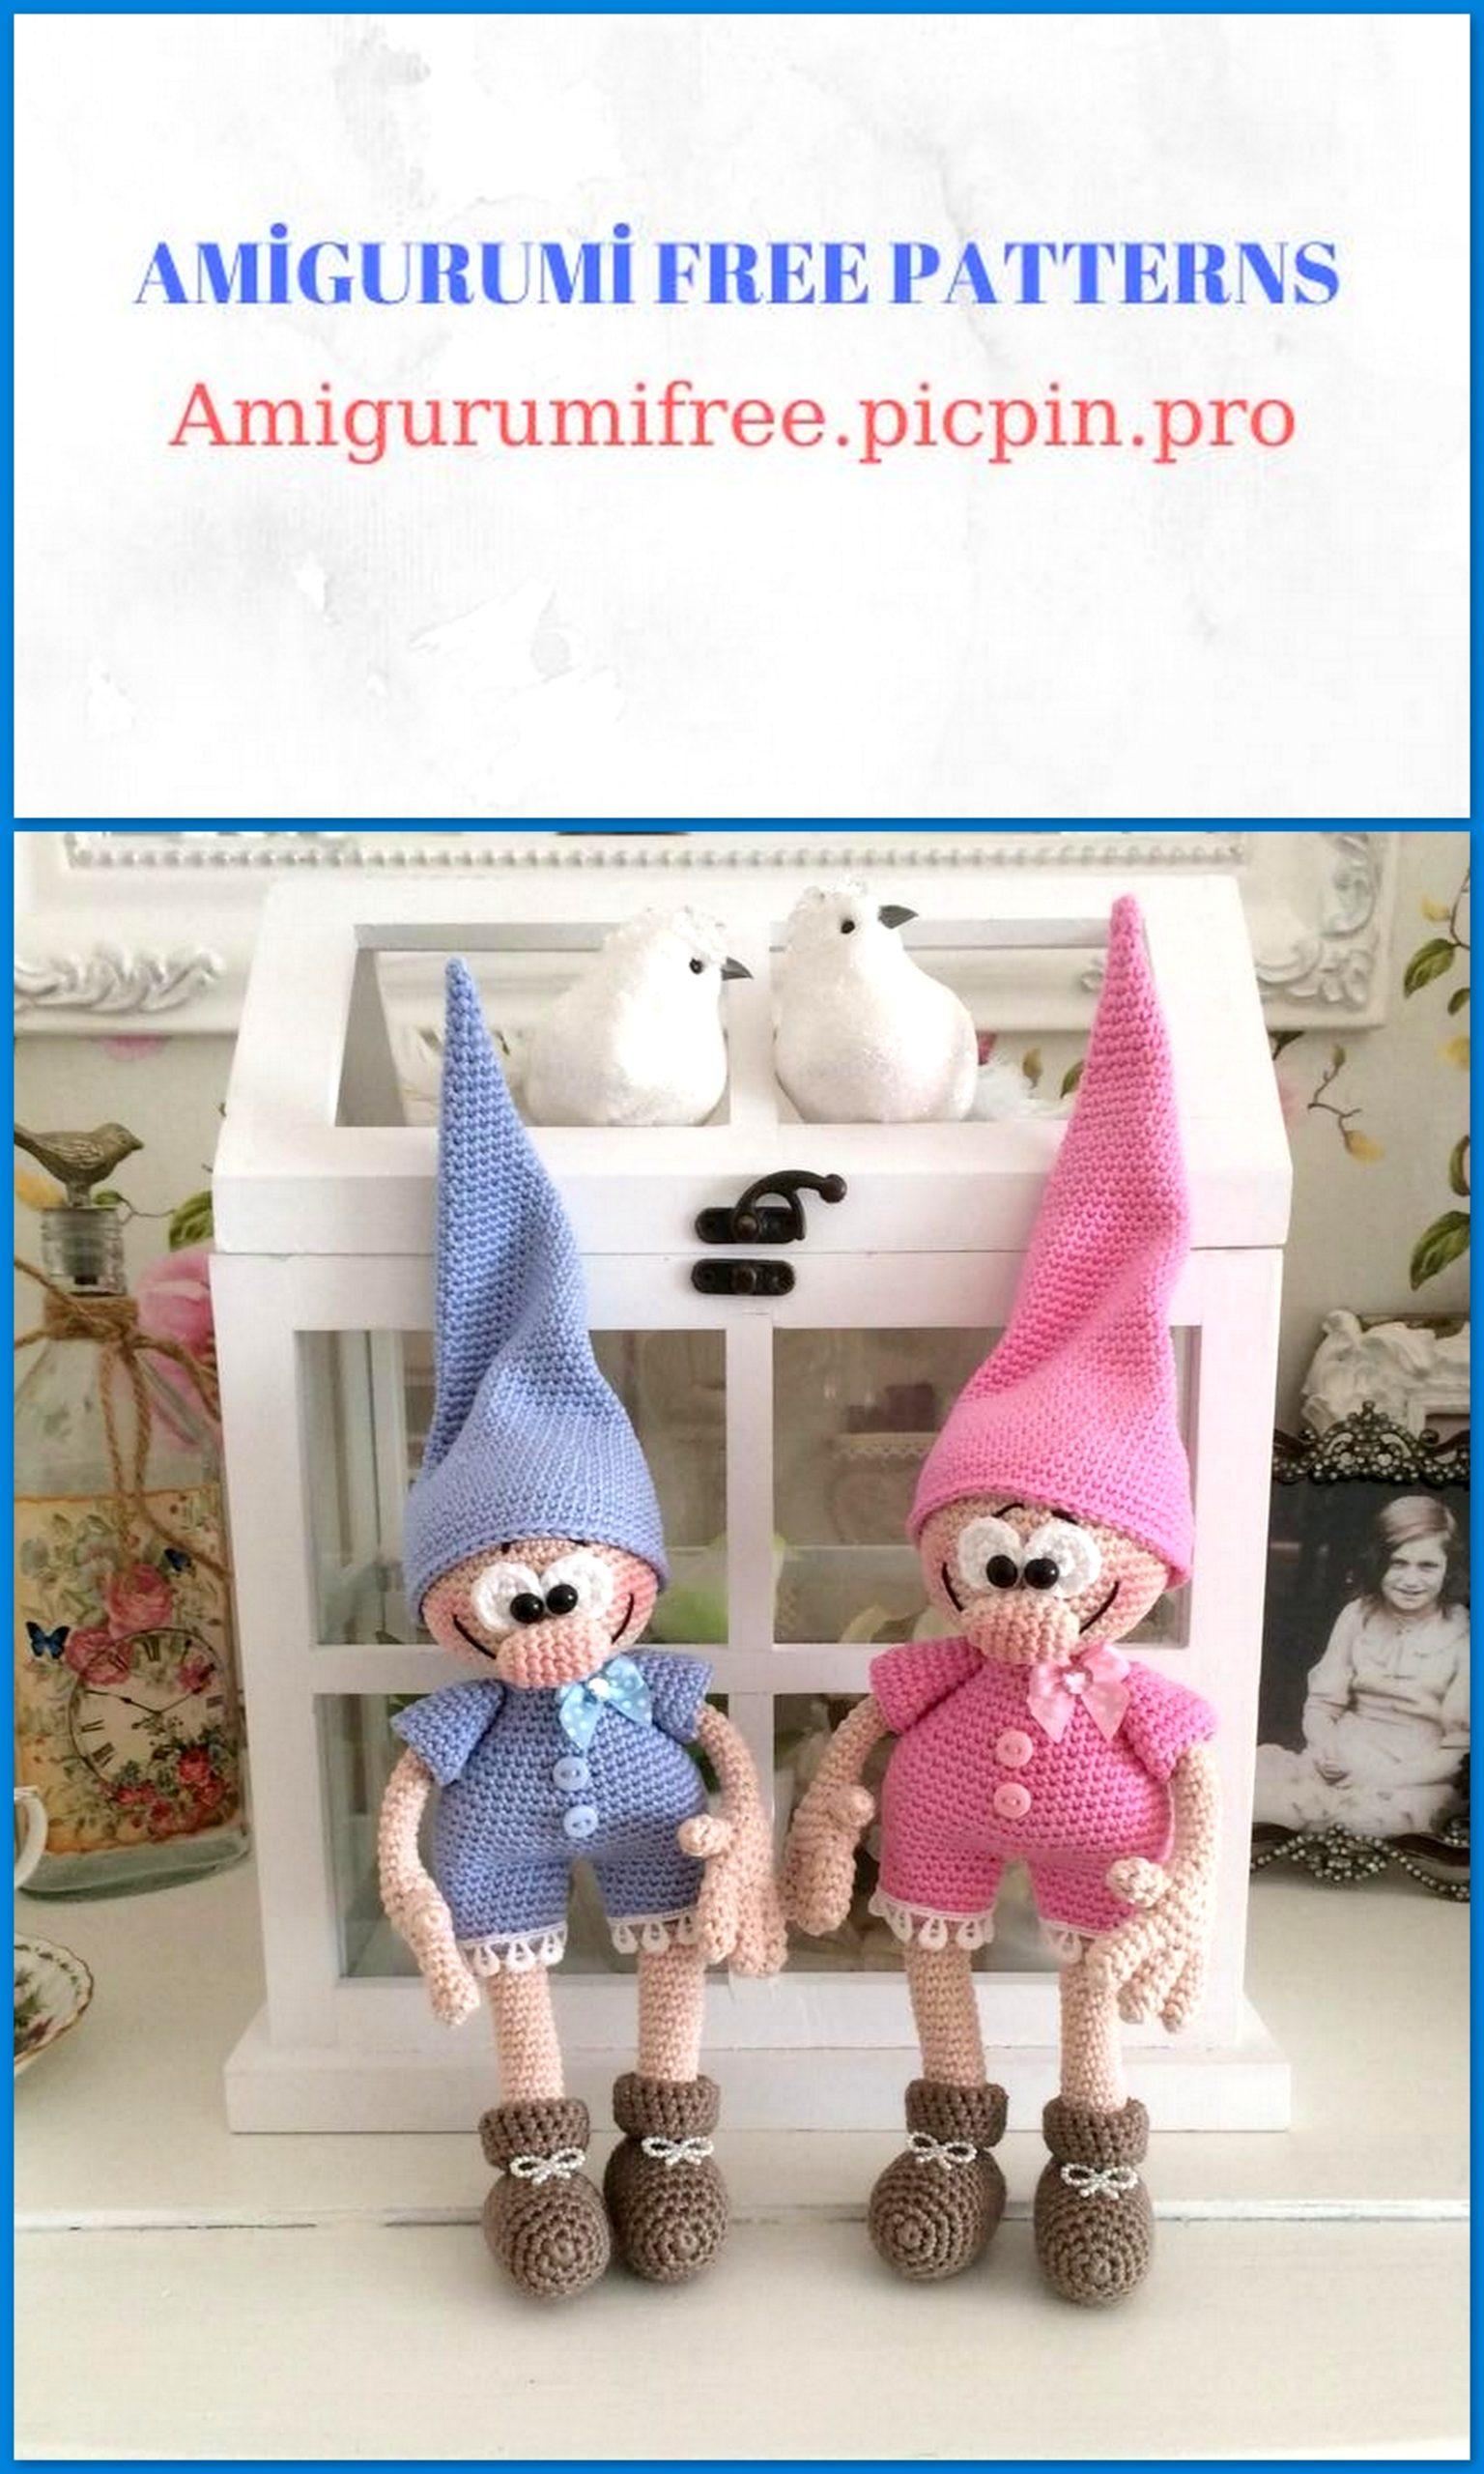 Scandinavian Christmas Gnomes! Crochet amigurumi patterns for 3 different  sizes of st… (mit Bildern) | Weihnachtliche häkelmuster, Handgemachte  weihnachtsgeschenke, Häkelarbeiten | 2560x1536